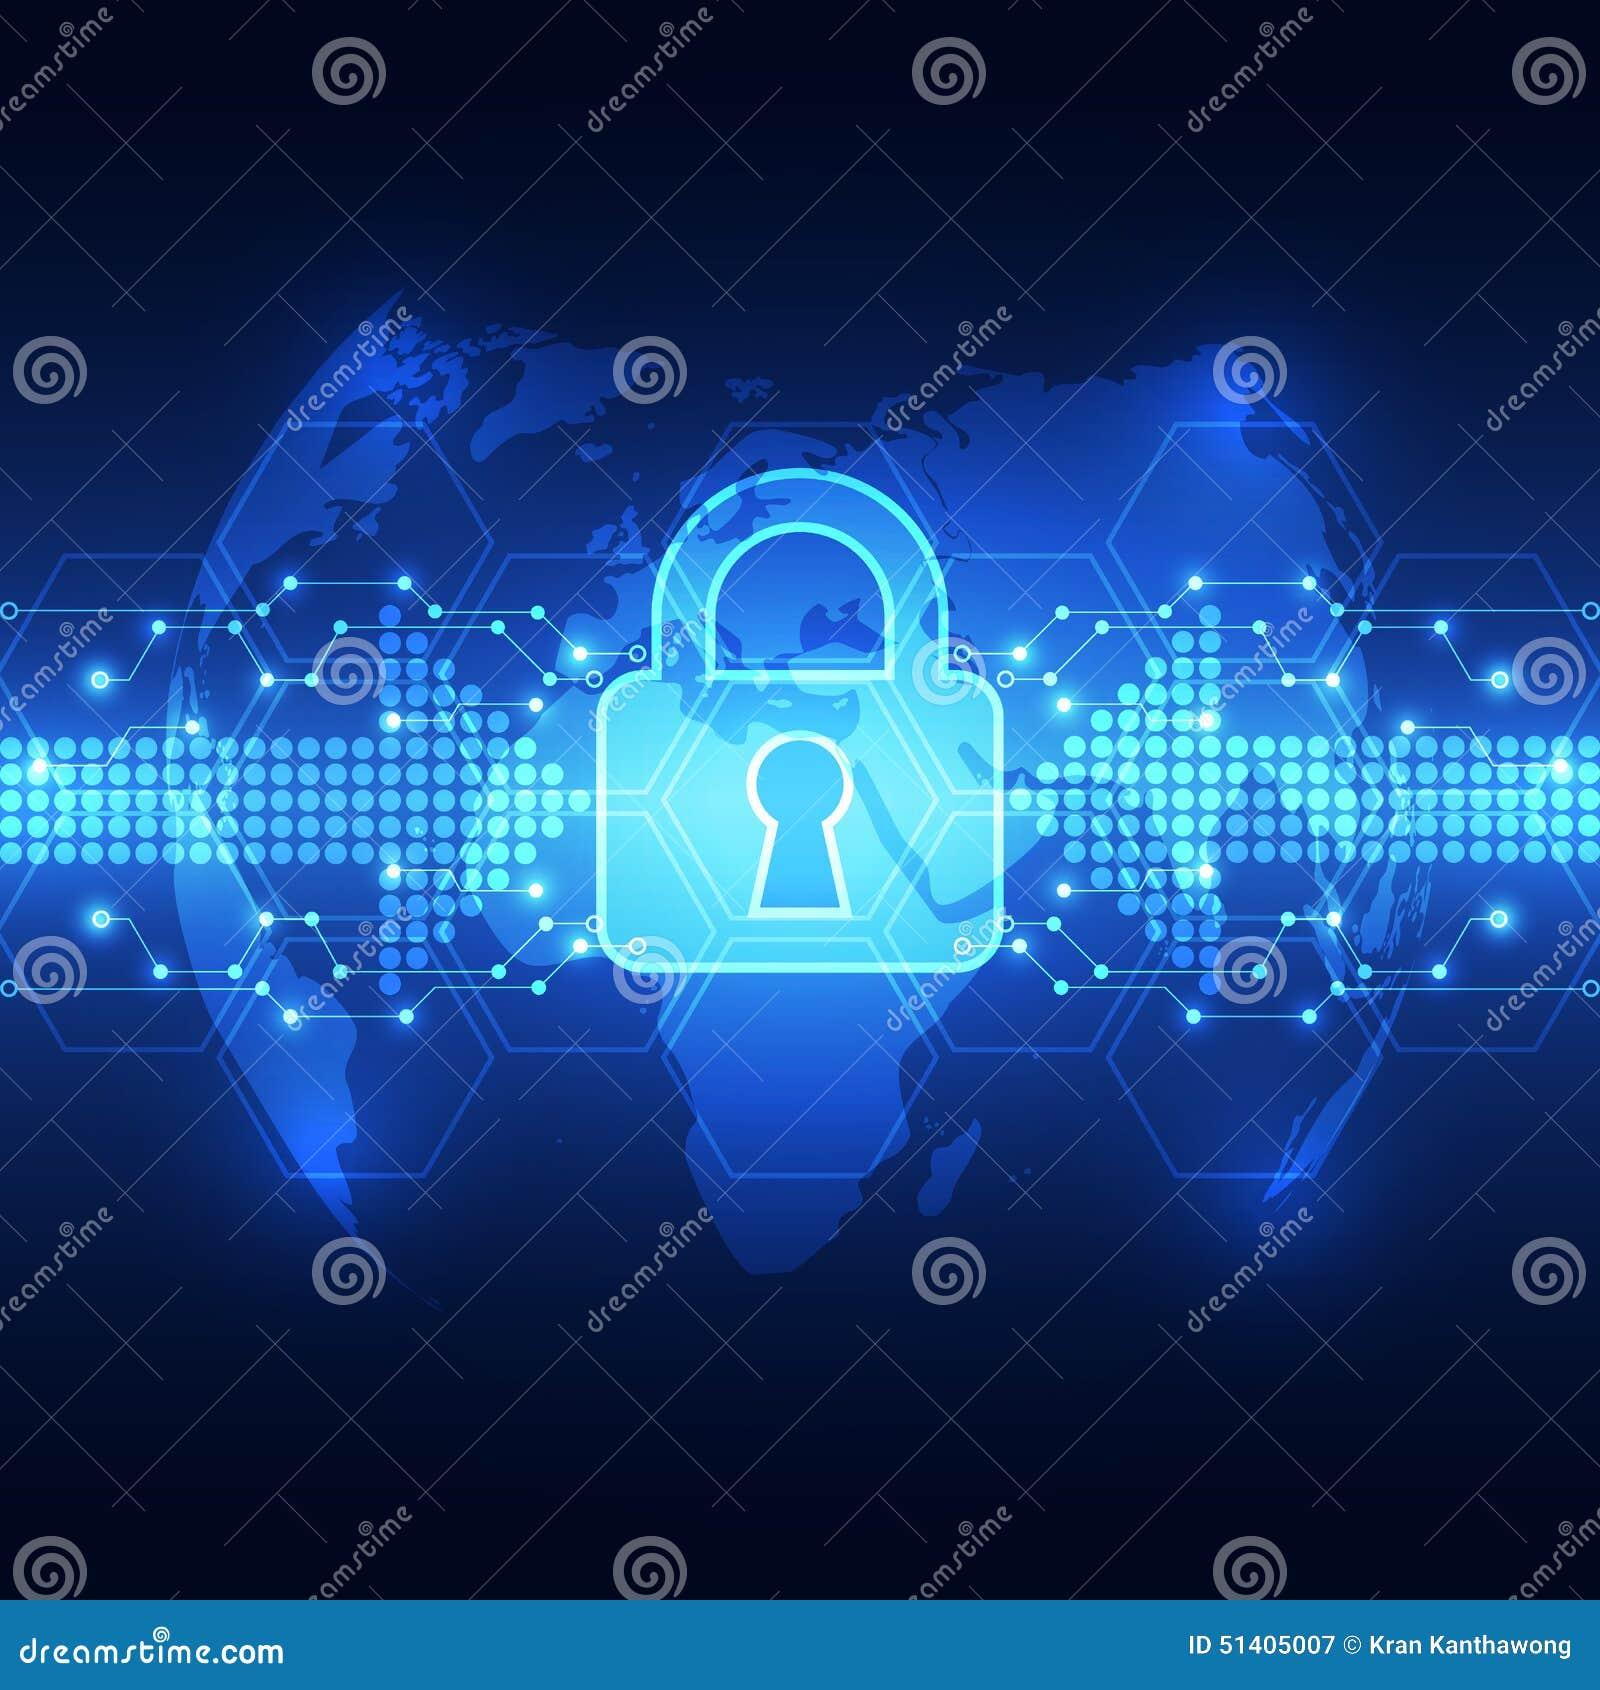 Αφηρημένη ασφάλεια τεχνολογίας στο υπόβαθρο παγκόσμιων δικτύων, διανυσματική απεικόνιση